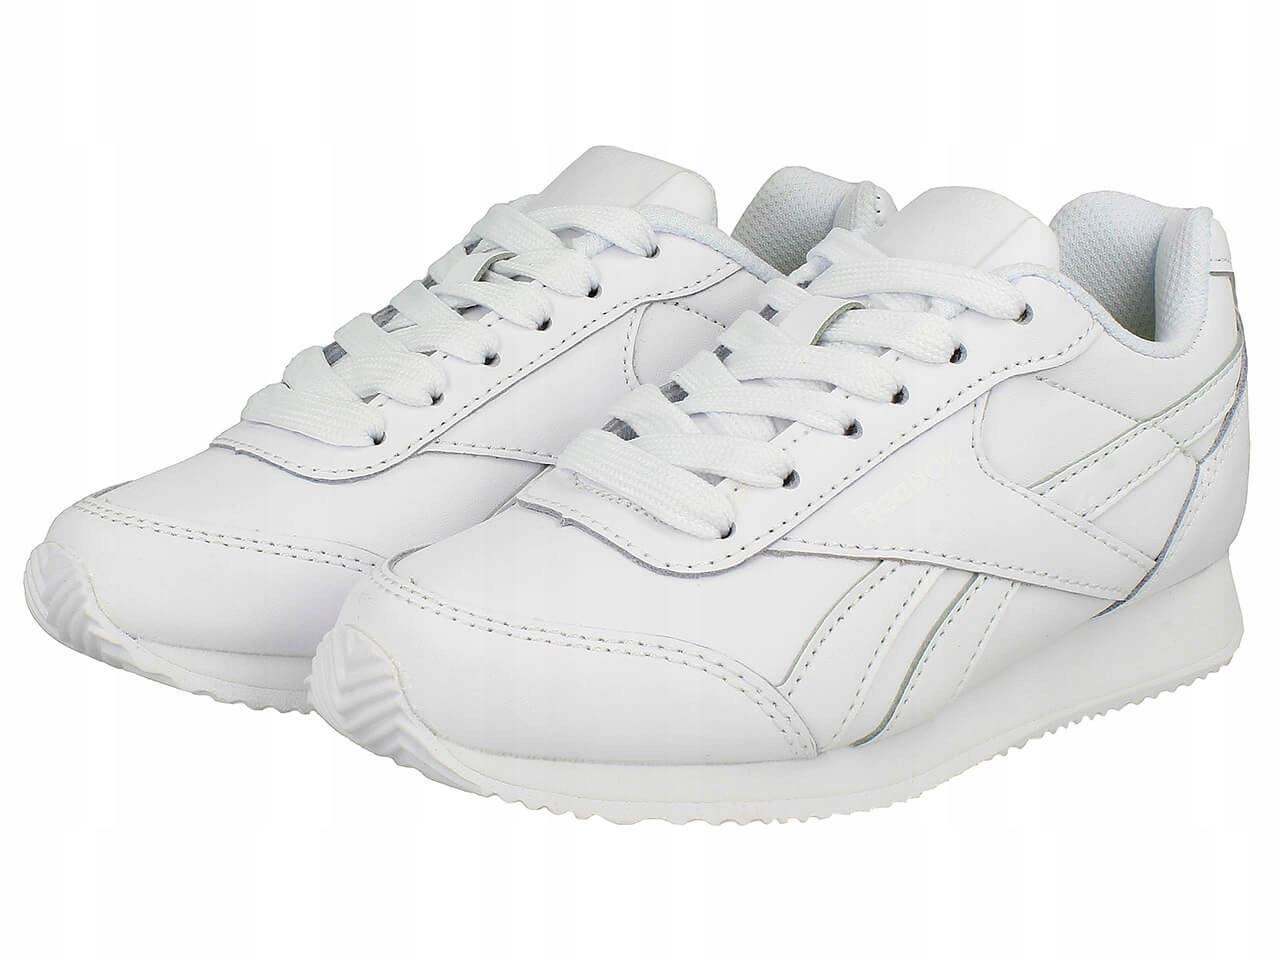 Buty dziecięce Reebok Royal Cljog 2 V70492 r. 37